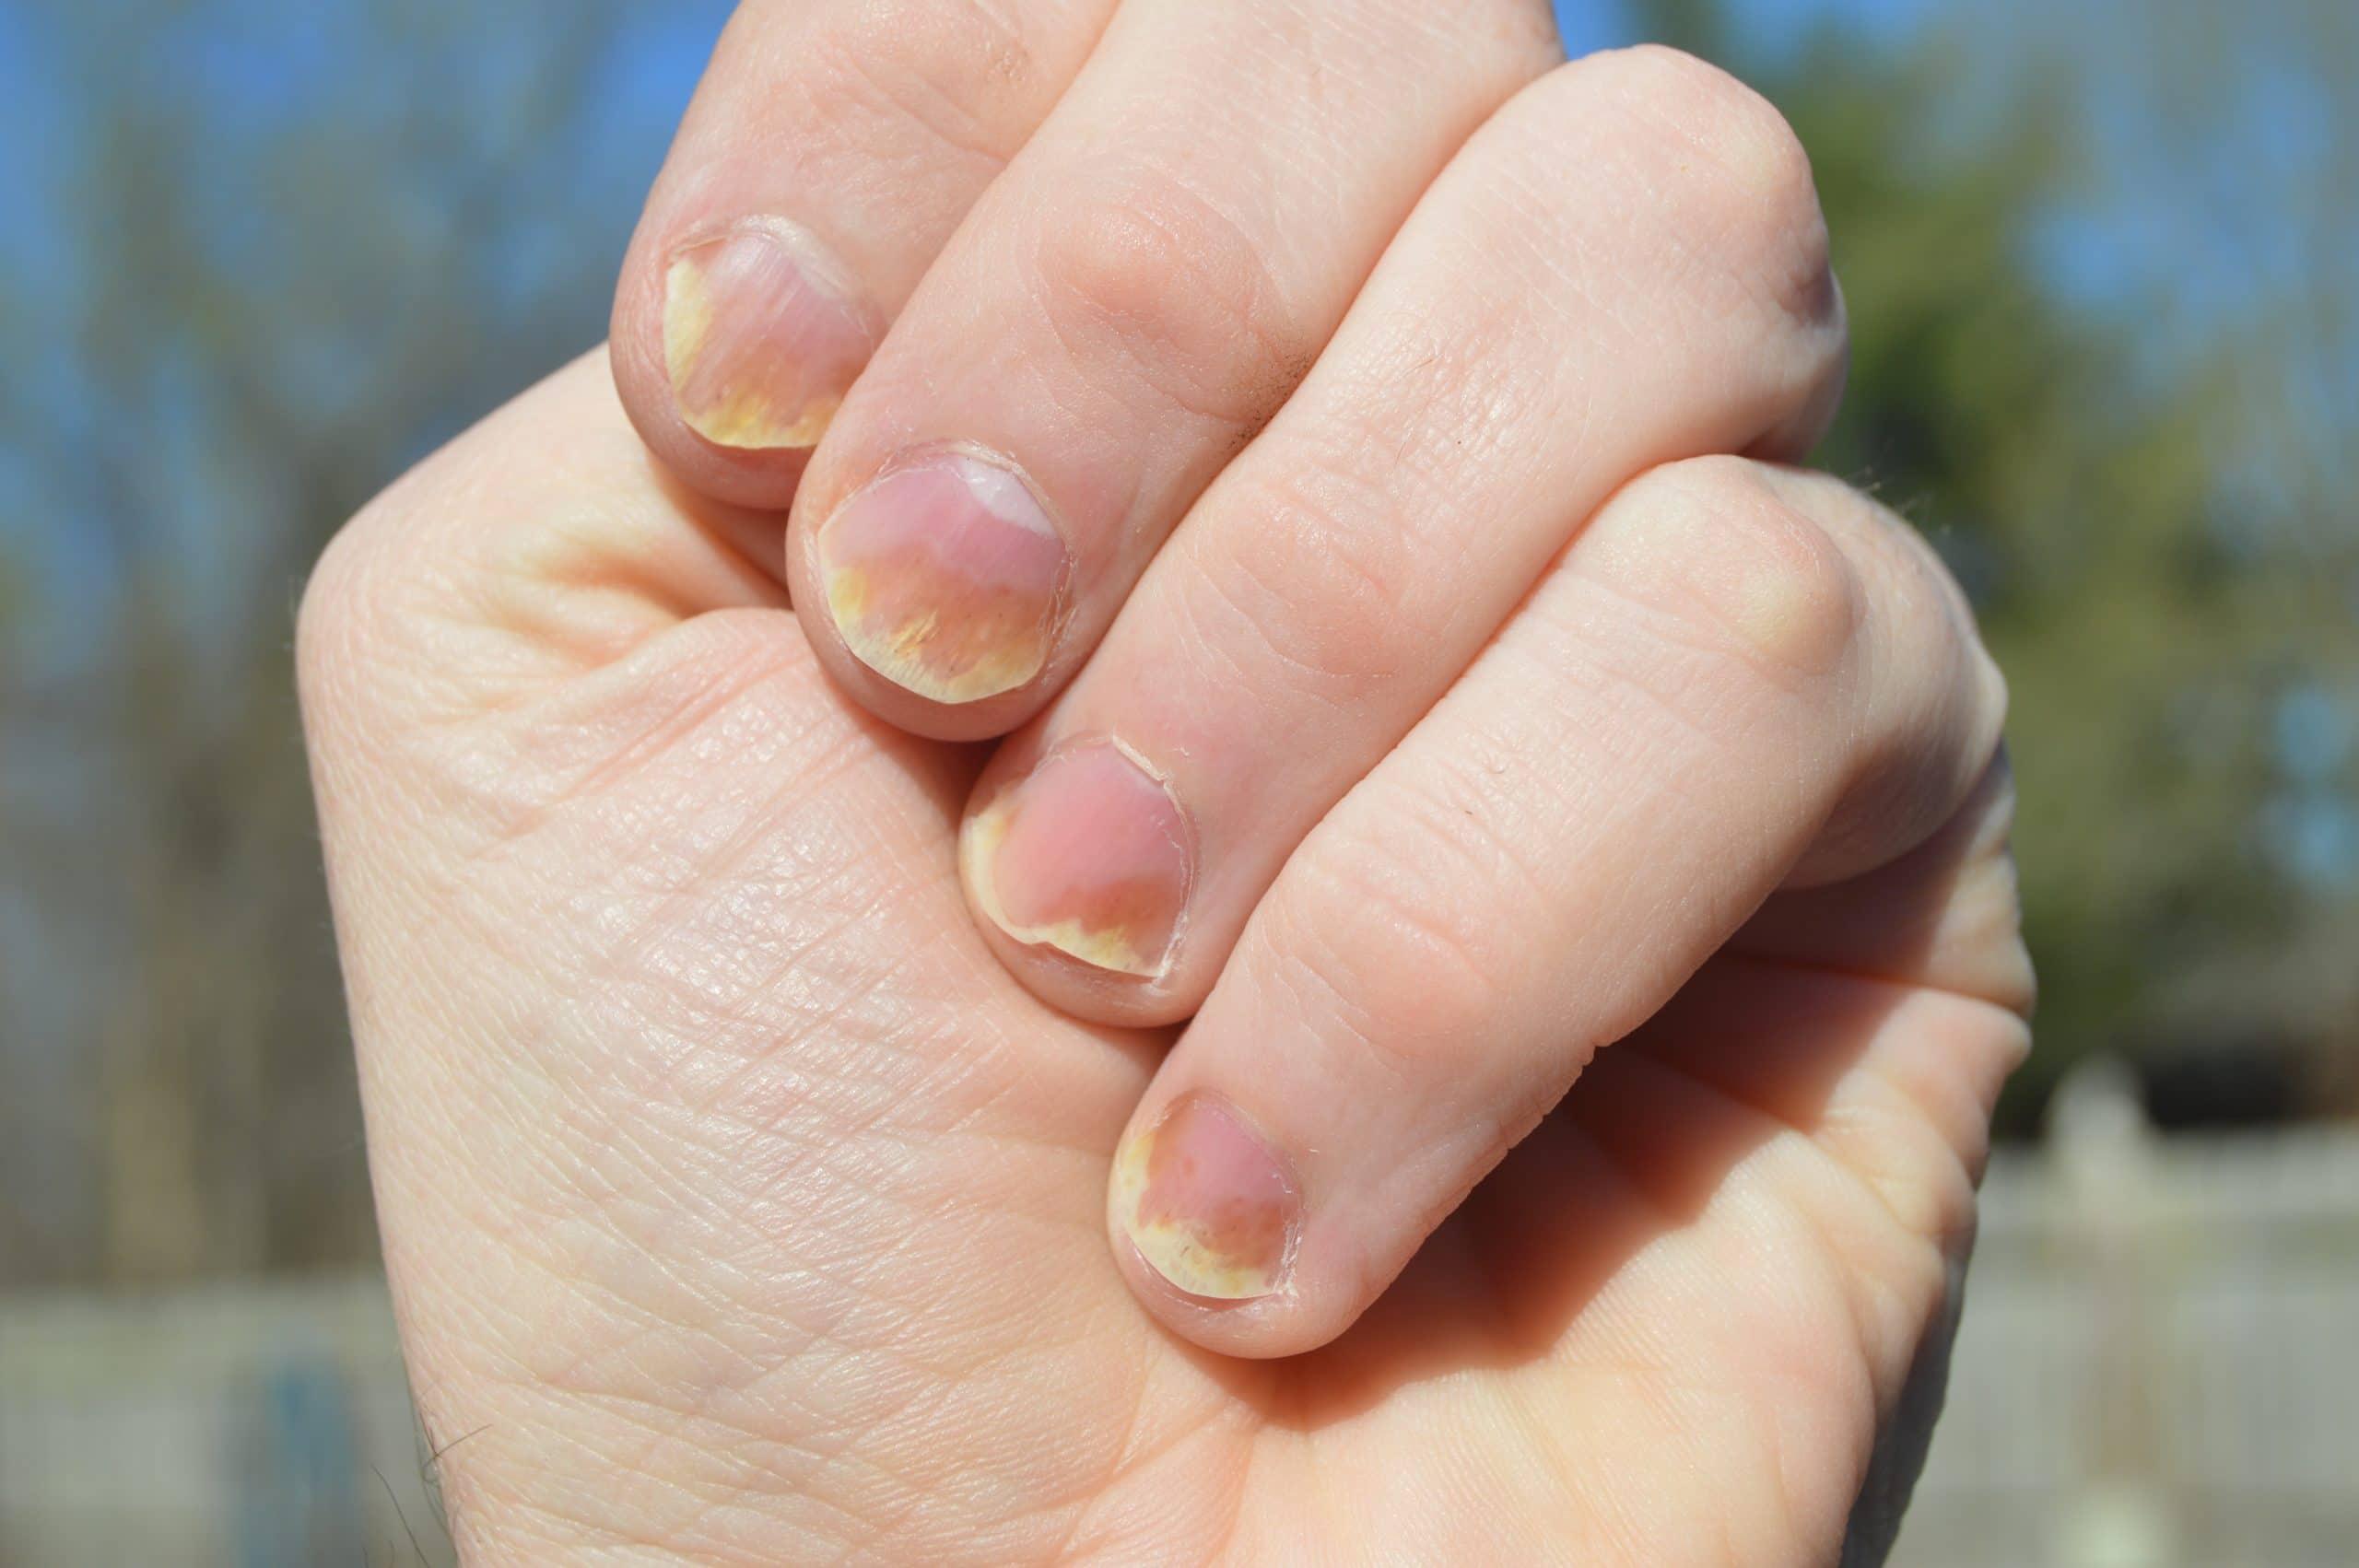 Ongles jaunes : quelles sont les causes et les traitements ?